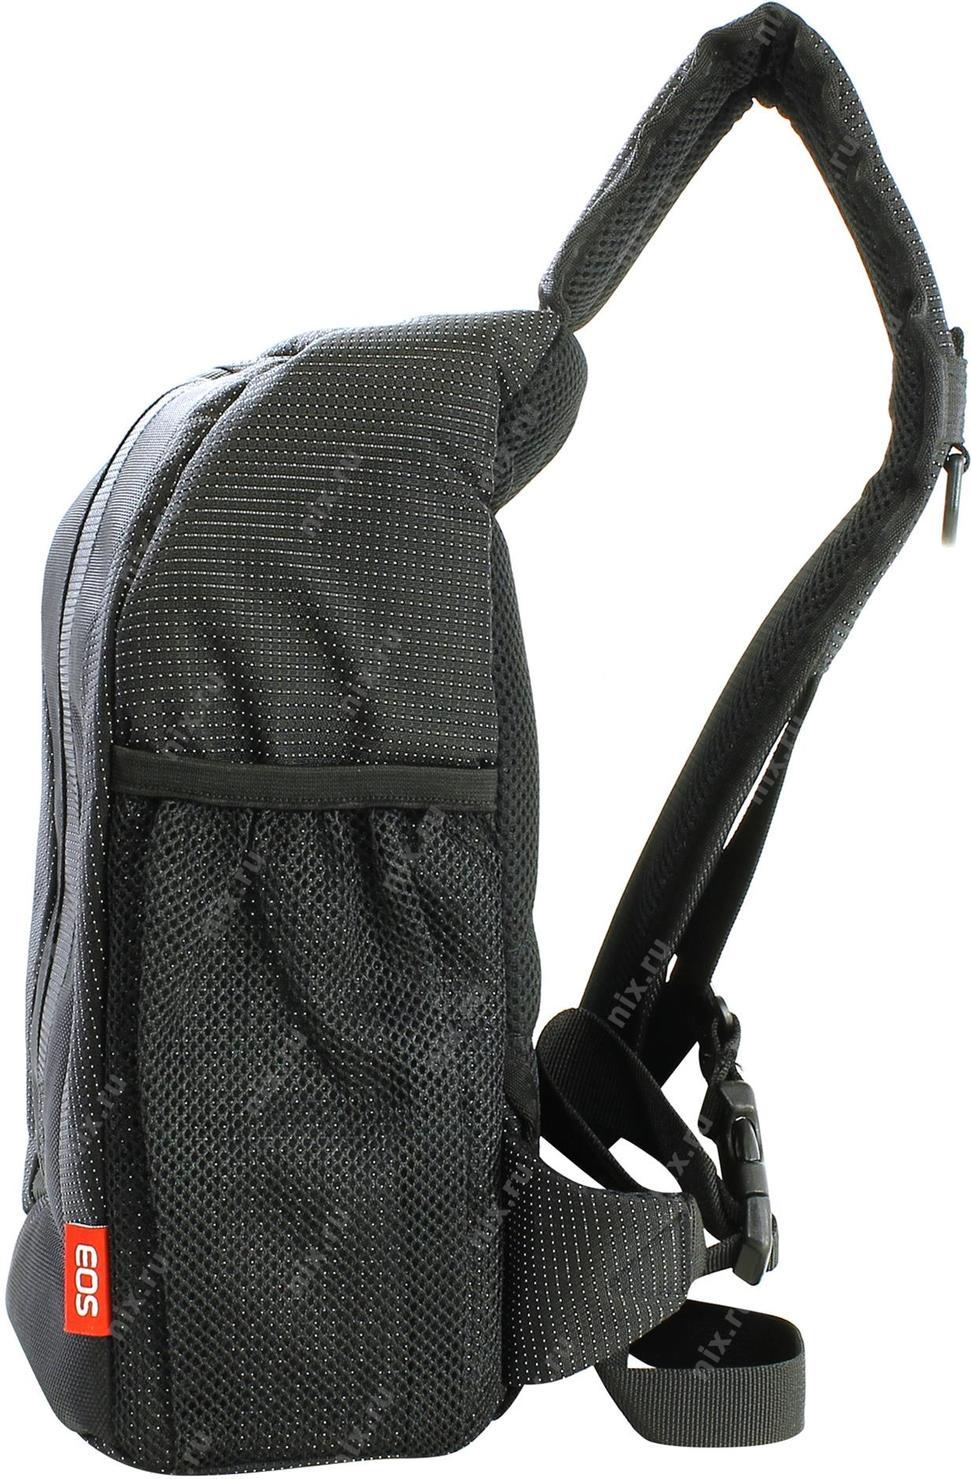 3031976eea1b Рюкзак для фотоаппарата Canon Custom Gadget Bag 300EG — купить, цена и  характеристики, отзывы